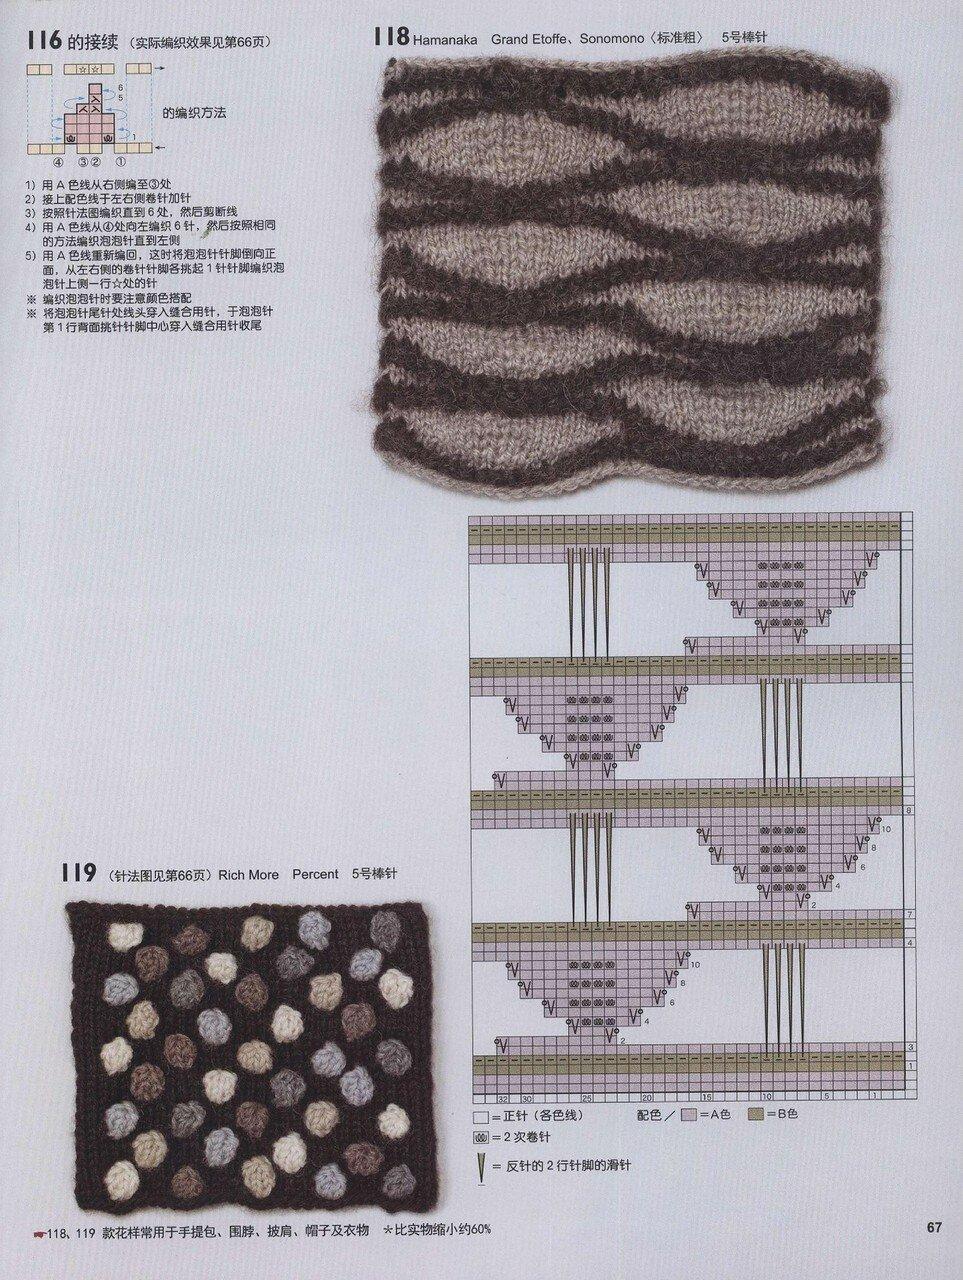 150 Knitting_69.jpg